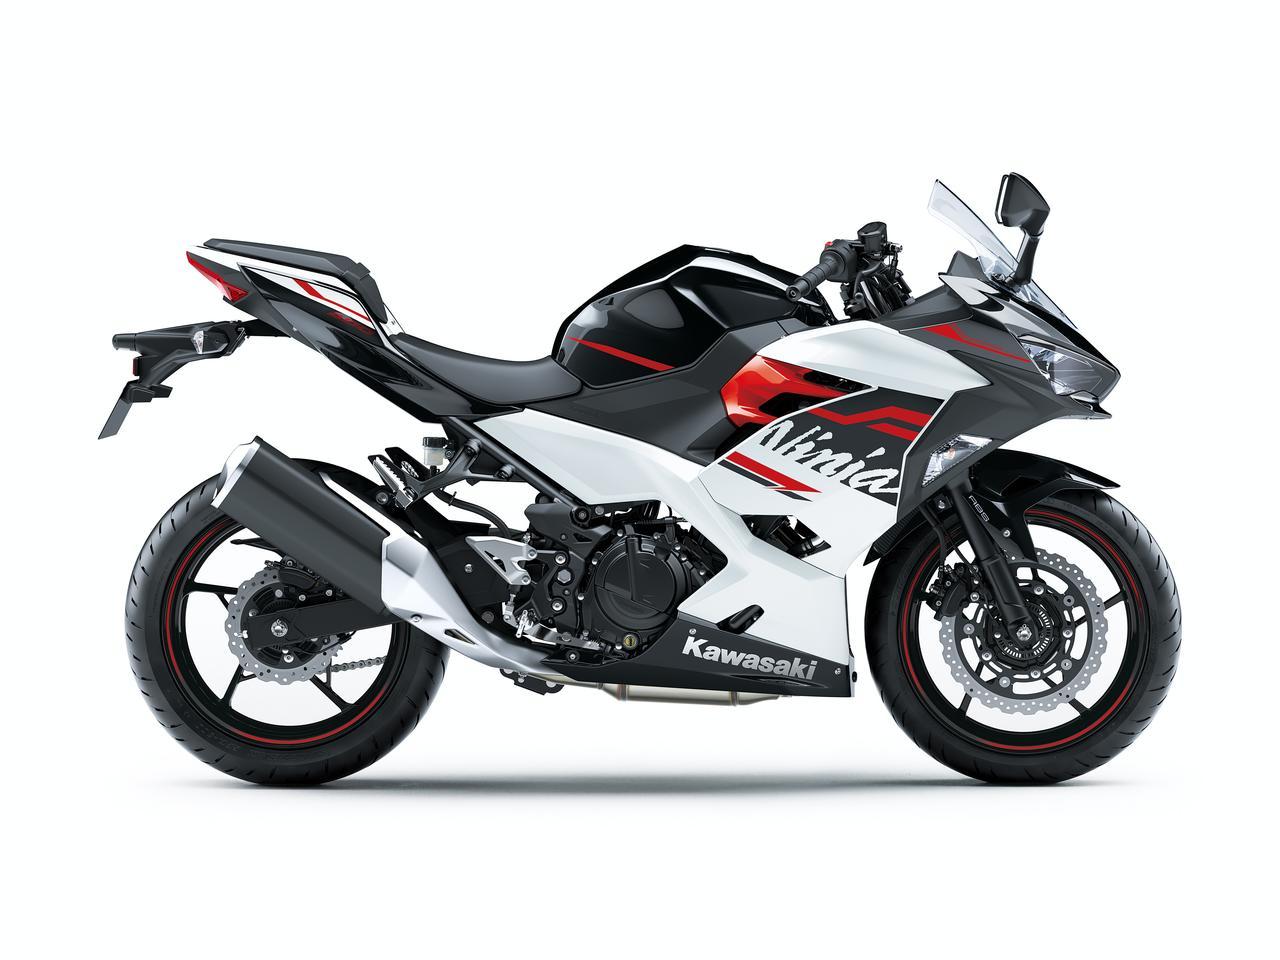 画像6: 【カワサキ】Ninja 400の2020年モデルは9月1日(日)発売開始! カラーバリエーション・アンケート実施中